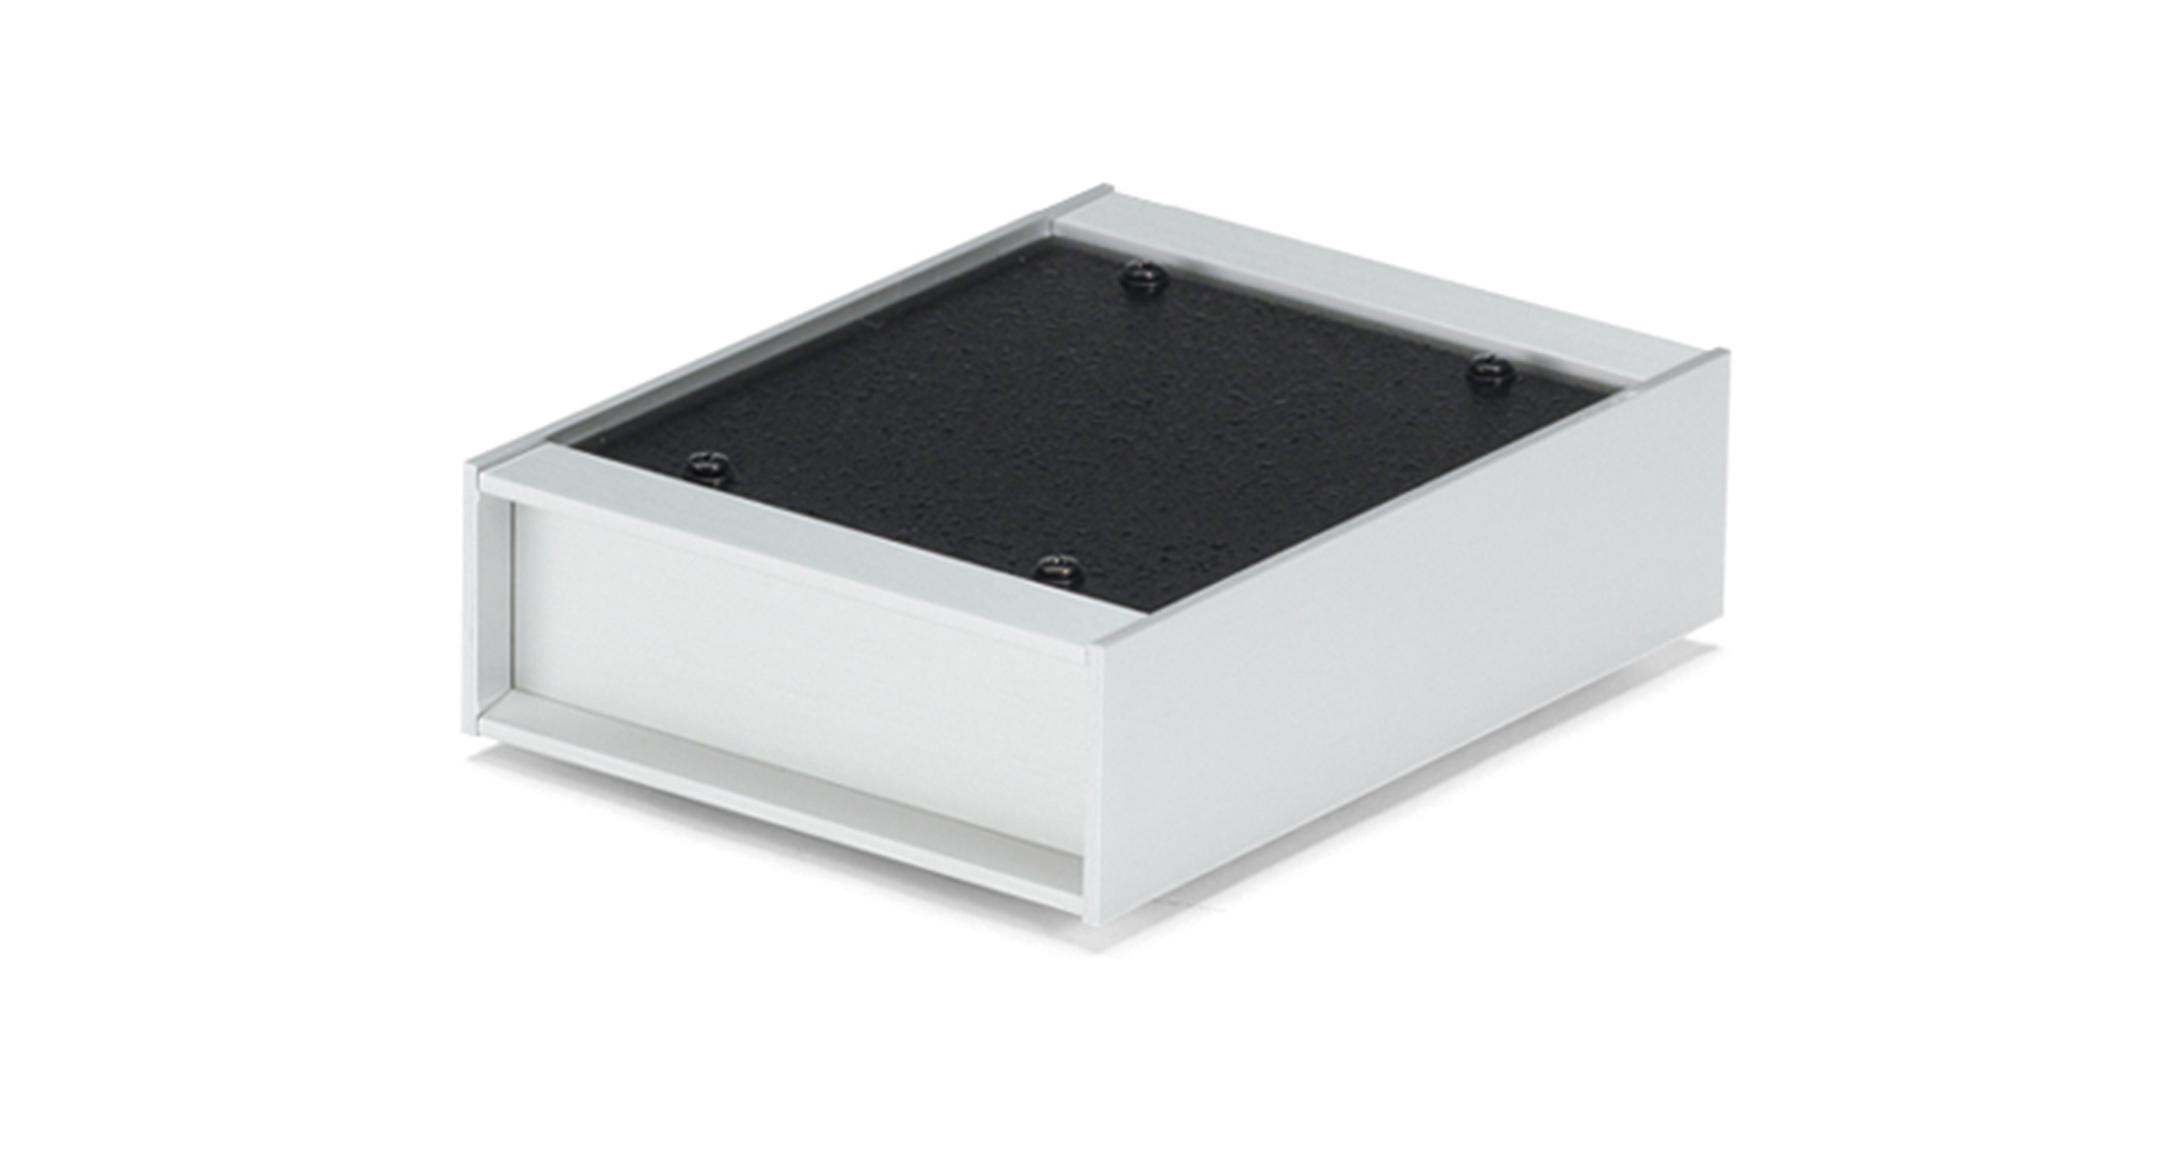 ラックケース SLシリーズ:側板シルバー/パネルシルバーの画像